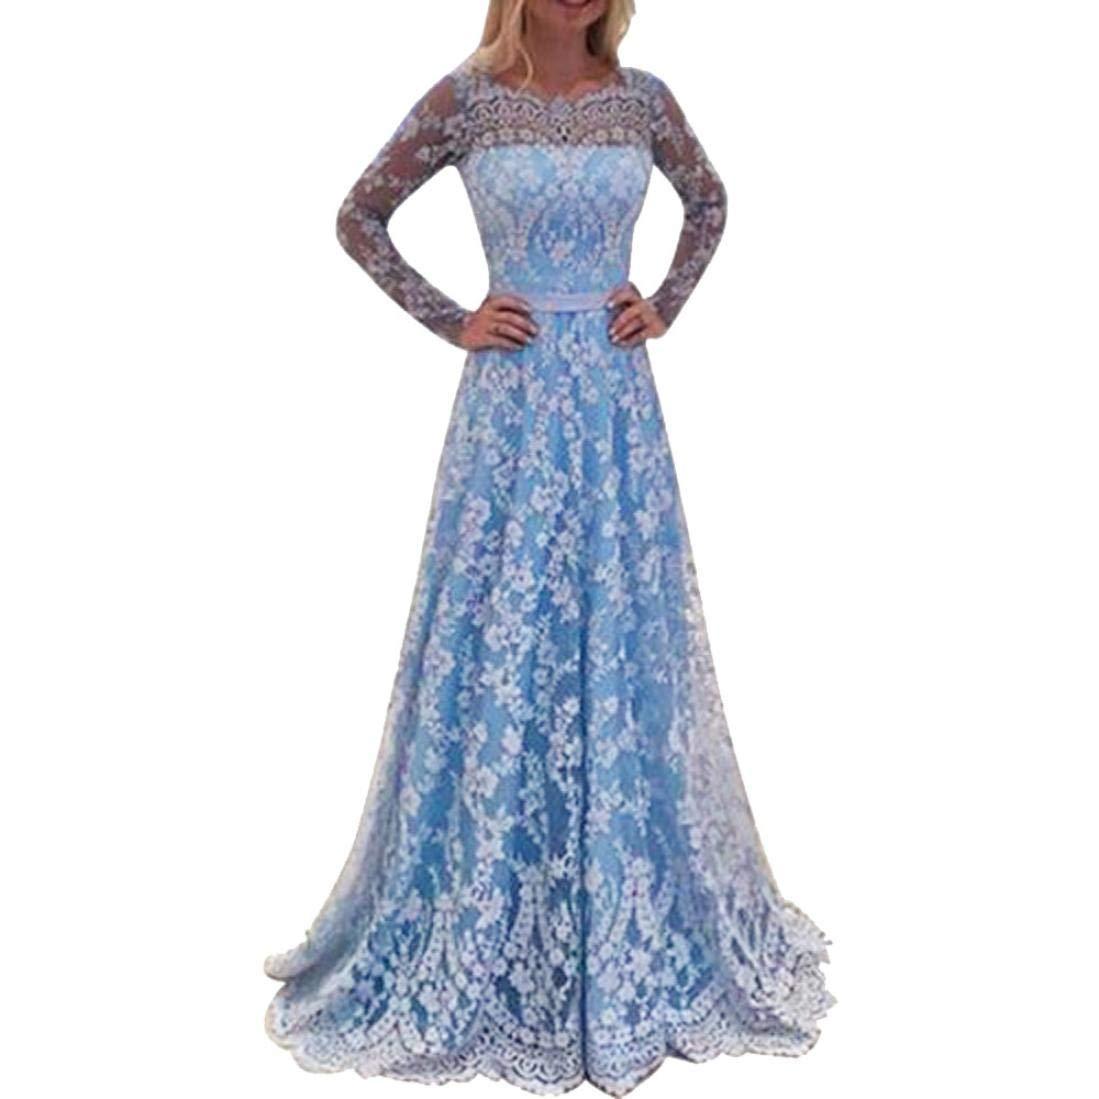 Abendkleid Spitzekleid Sommerkleid Damen Sunday Langarm Prinzessin Kleid Brautjungfernkleid Reizvolle Frauen Solide Hochzeitskleid Chiffonkleid Formal Kleid